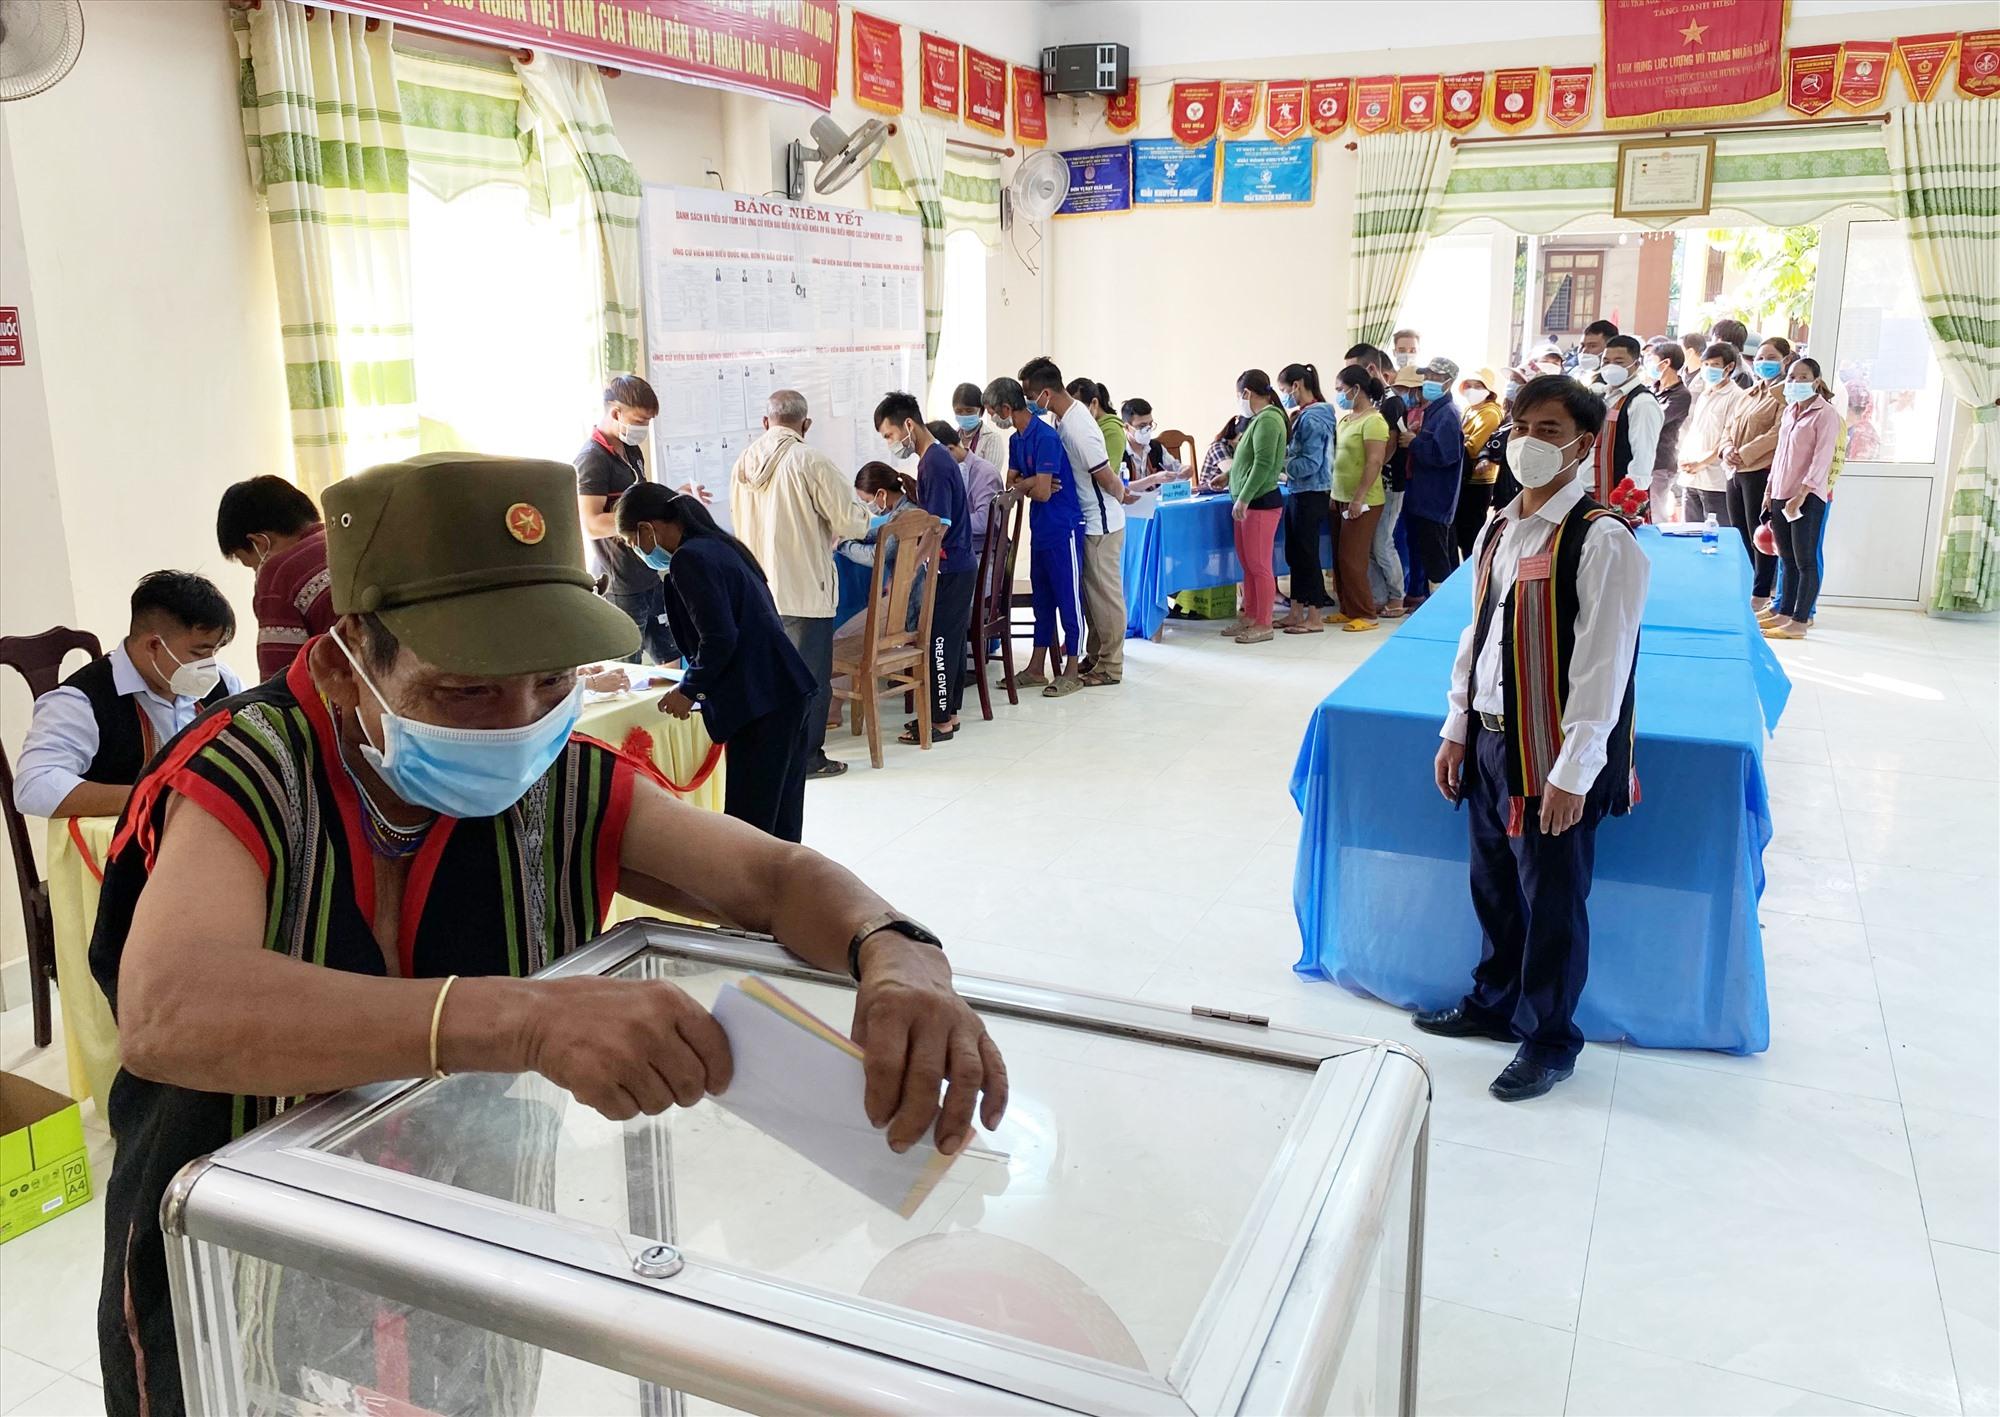 Tỷ lệ cử tri đi bầu ở các xã như Phước Kim, Phước Hòa, Phước Mỹ và Phước Xuân đạt 100%